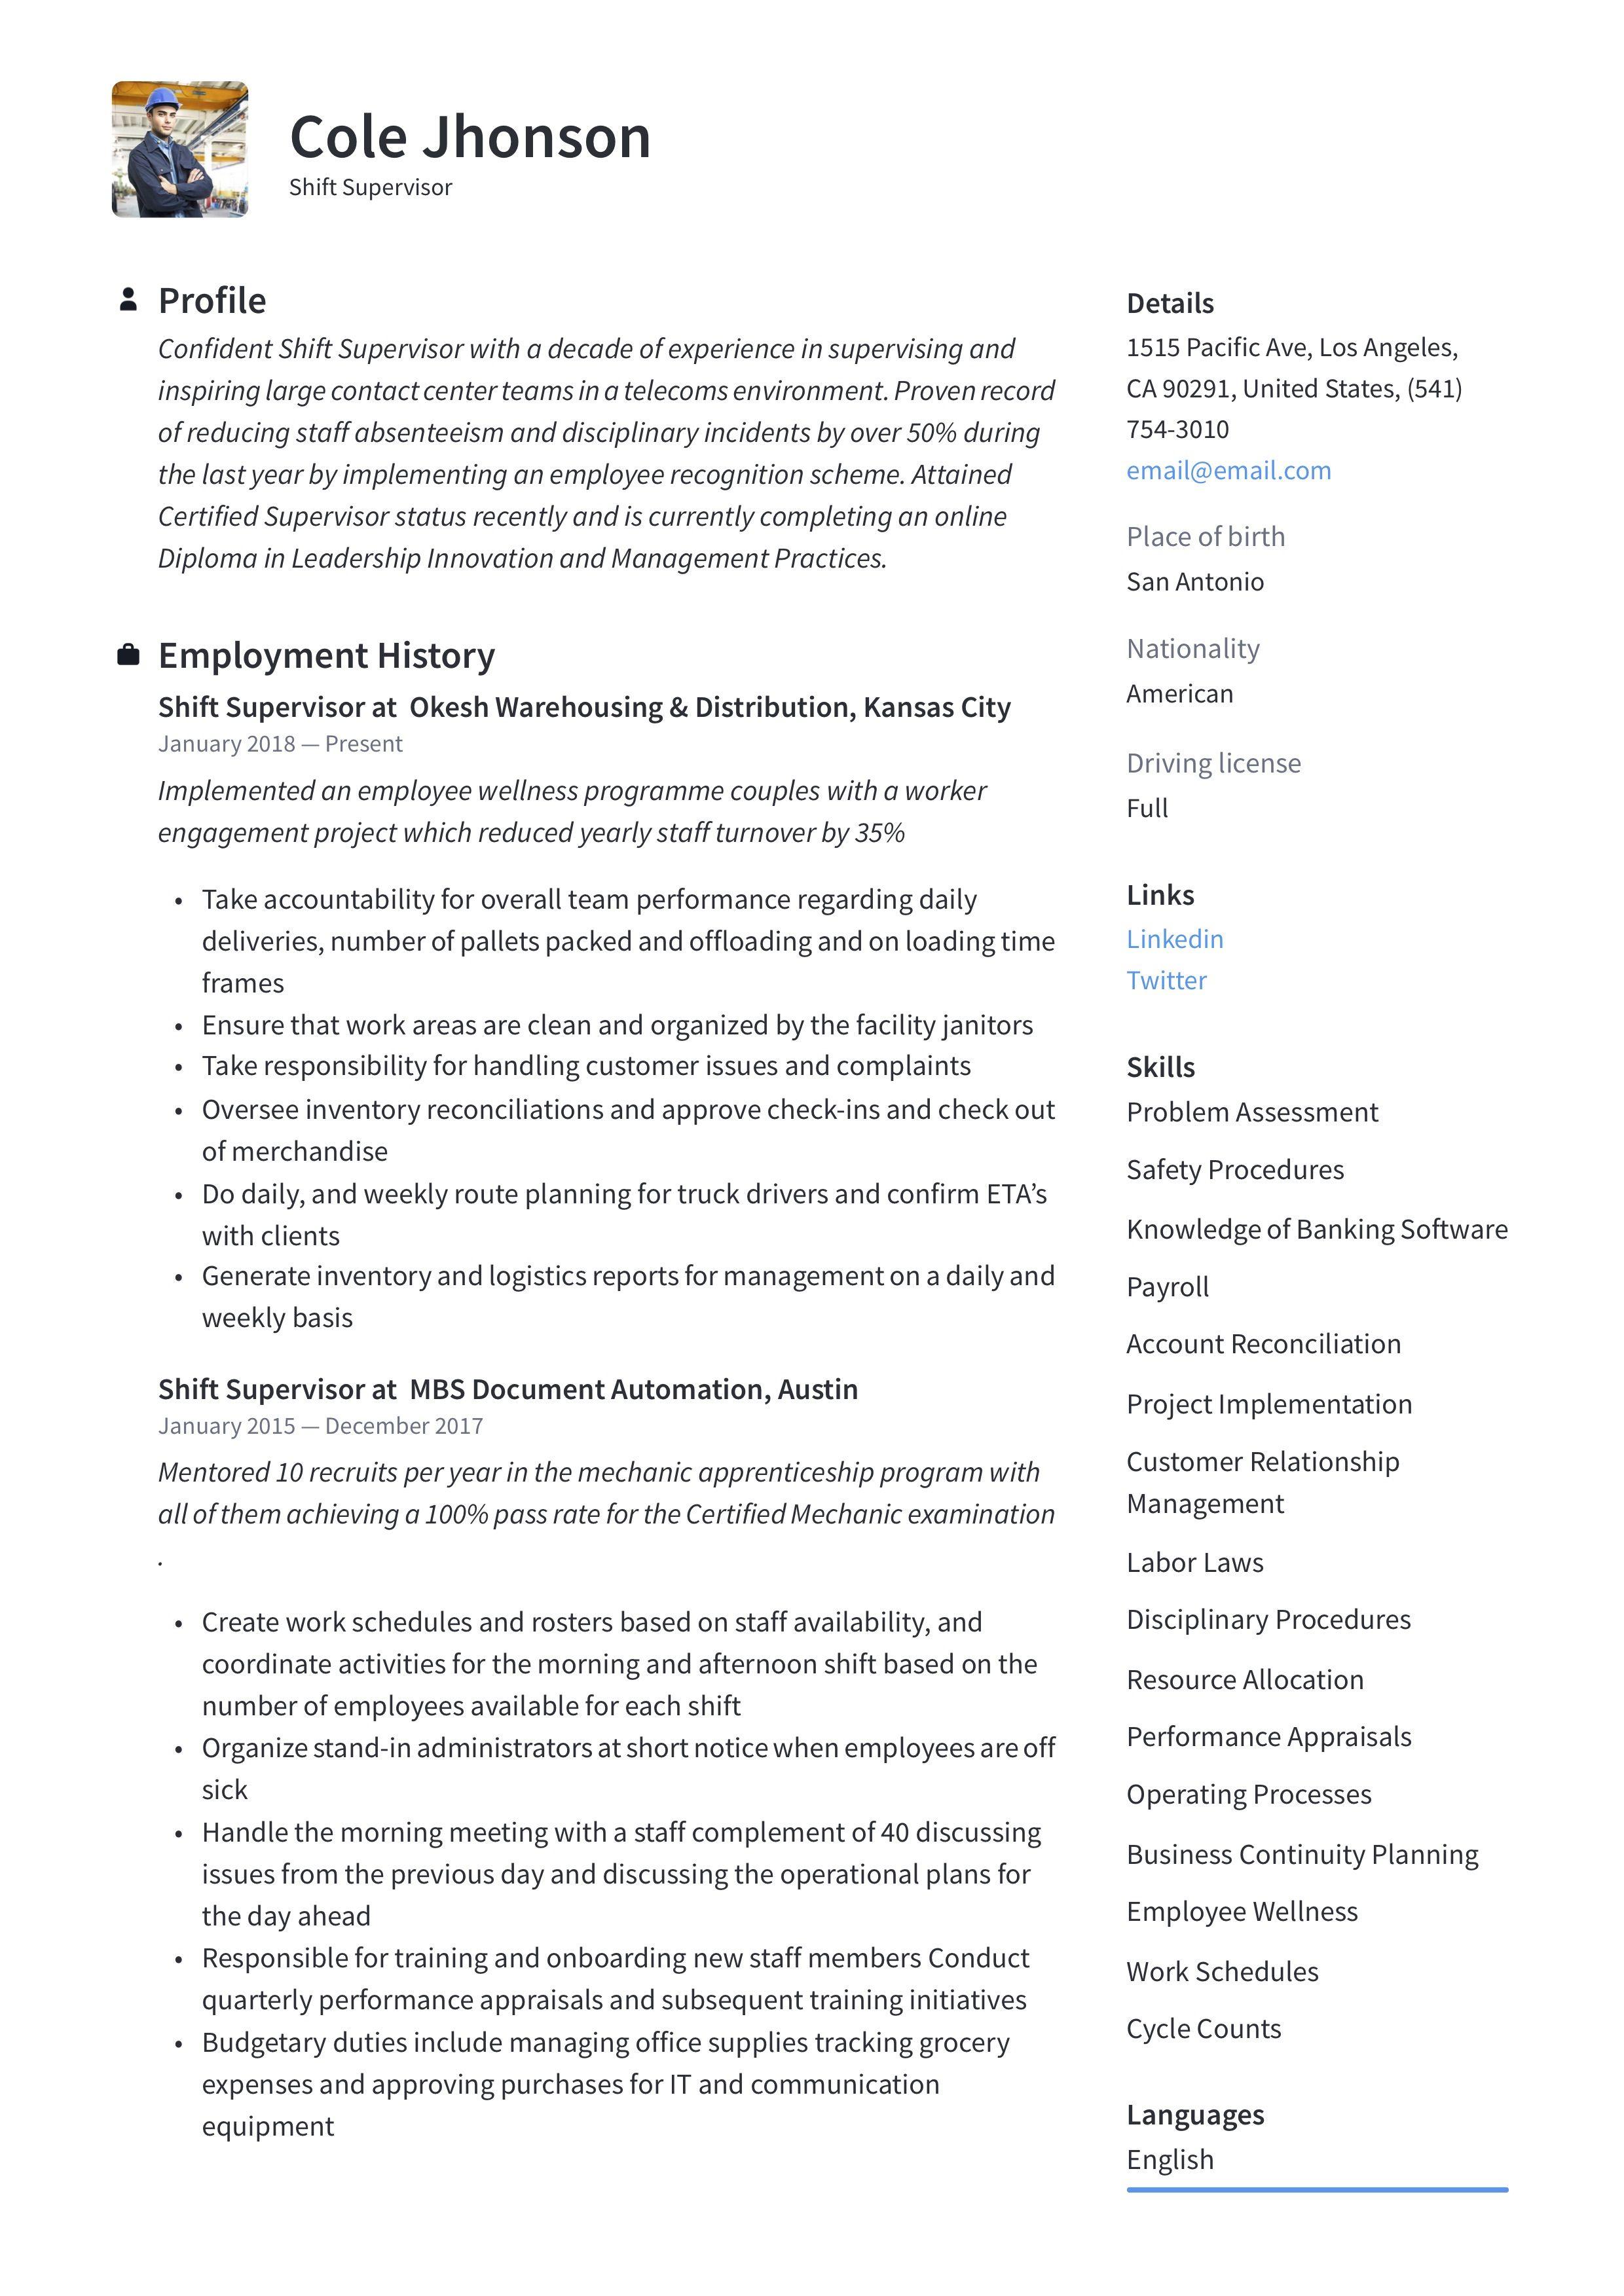 Modern Shift Supervisor Resume, template, design, tips